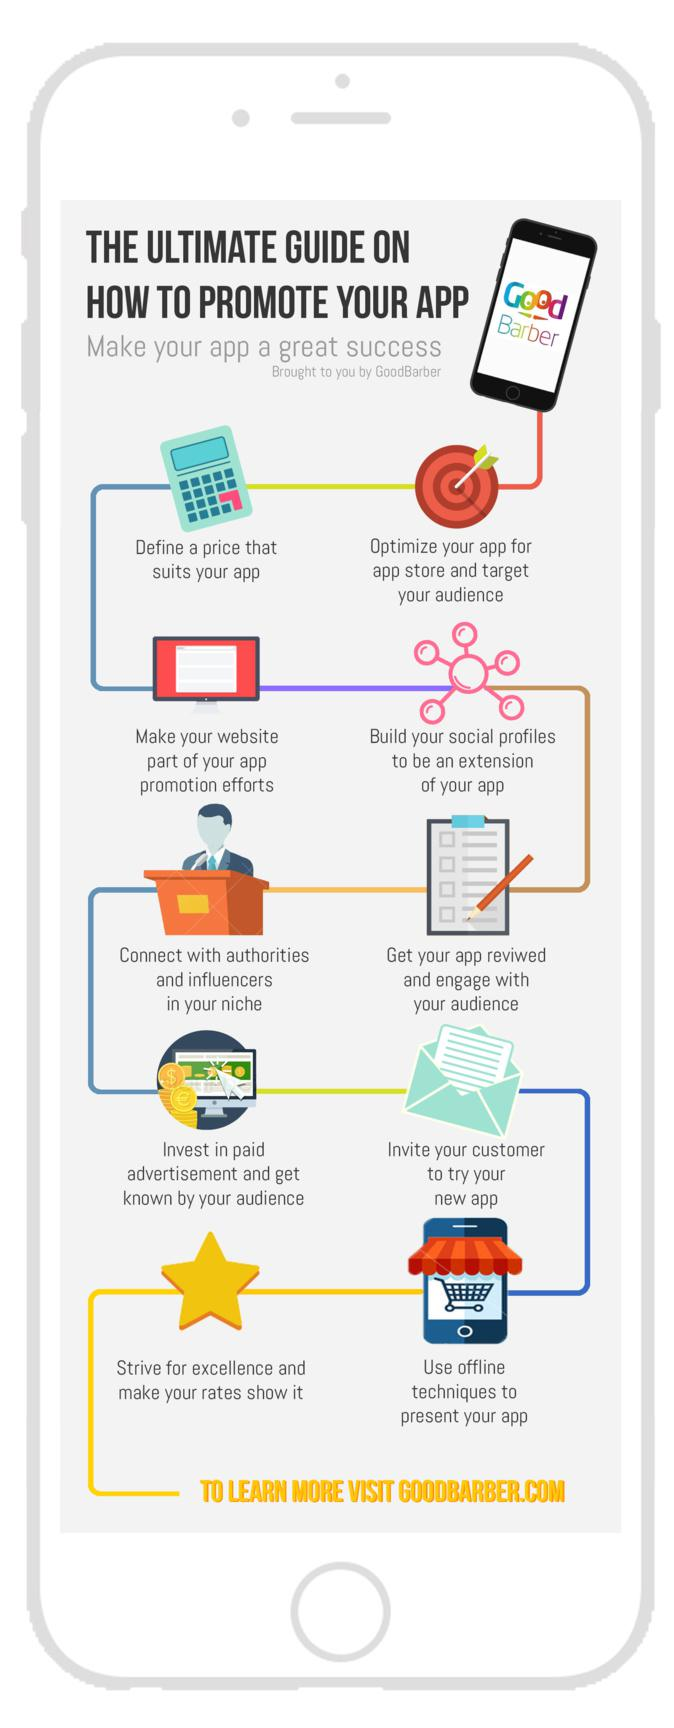 Guide de Promotion: Faites de votre App un succès